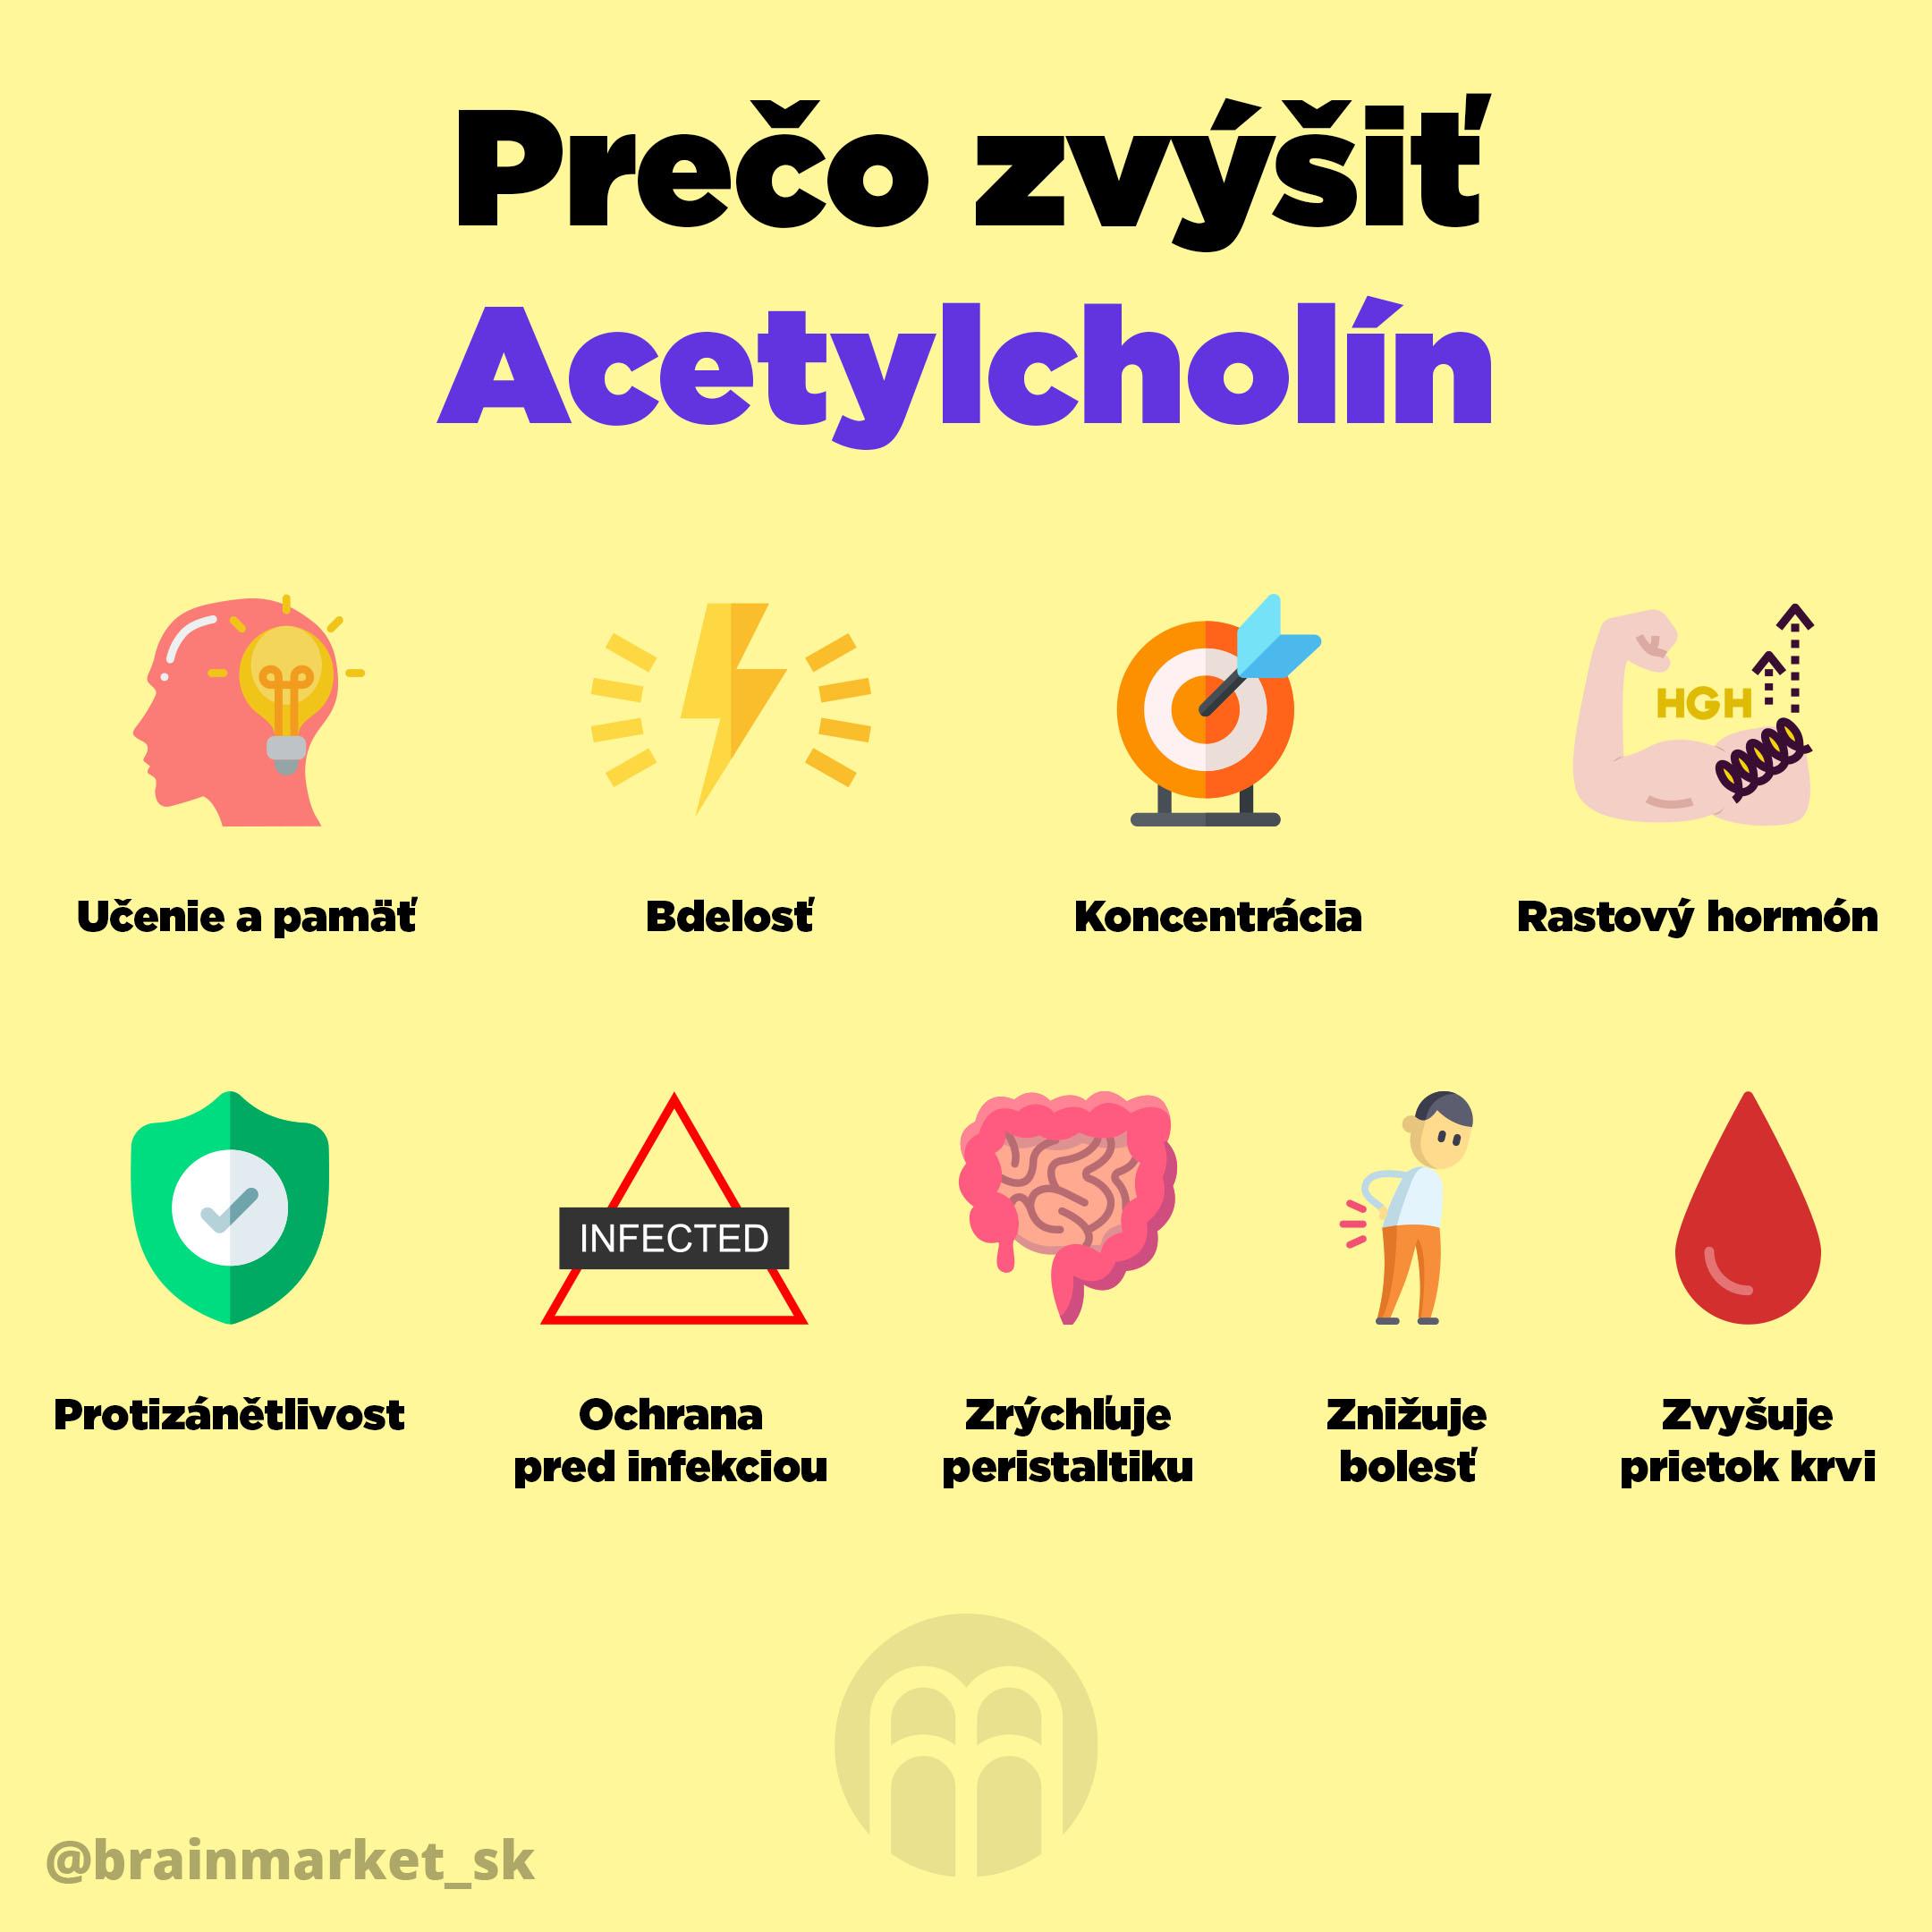 proc-zvysit-acetylcholin_SK